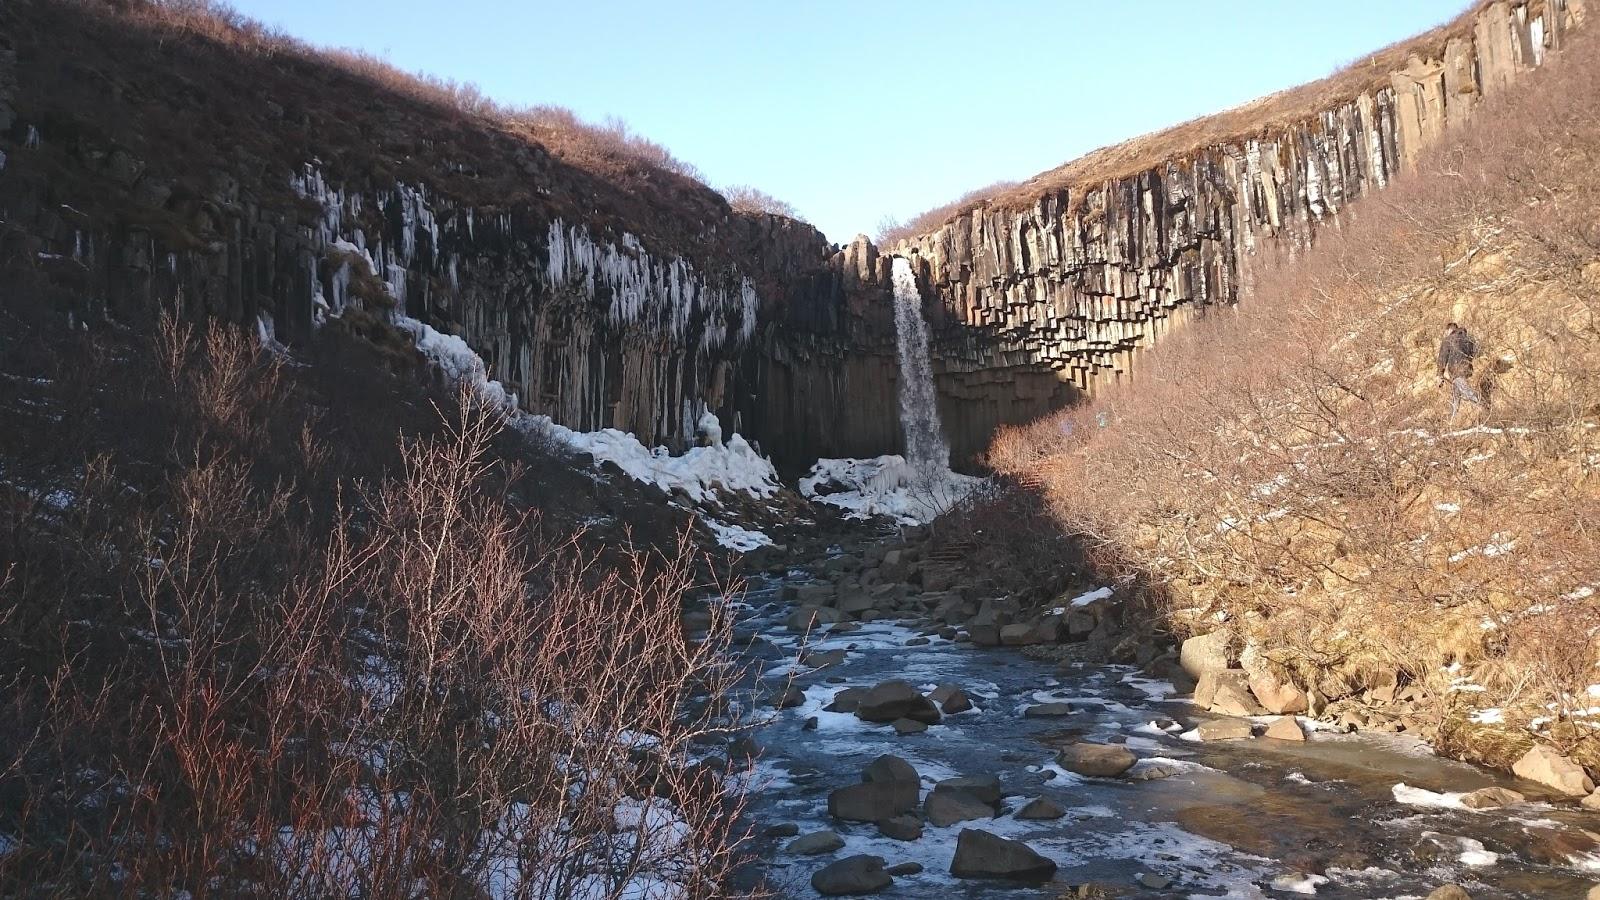 wodospad Svartifoss, Svartifoss, islandzki wodospad, Islandia, atrakcje Islandii